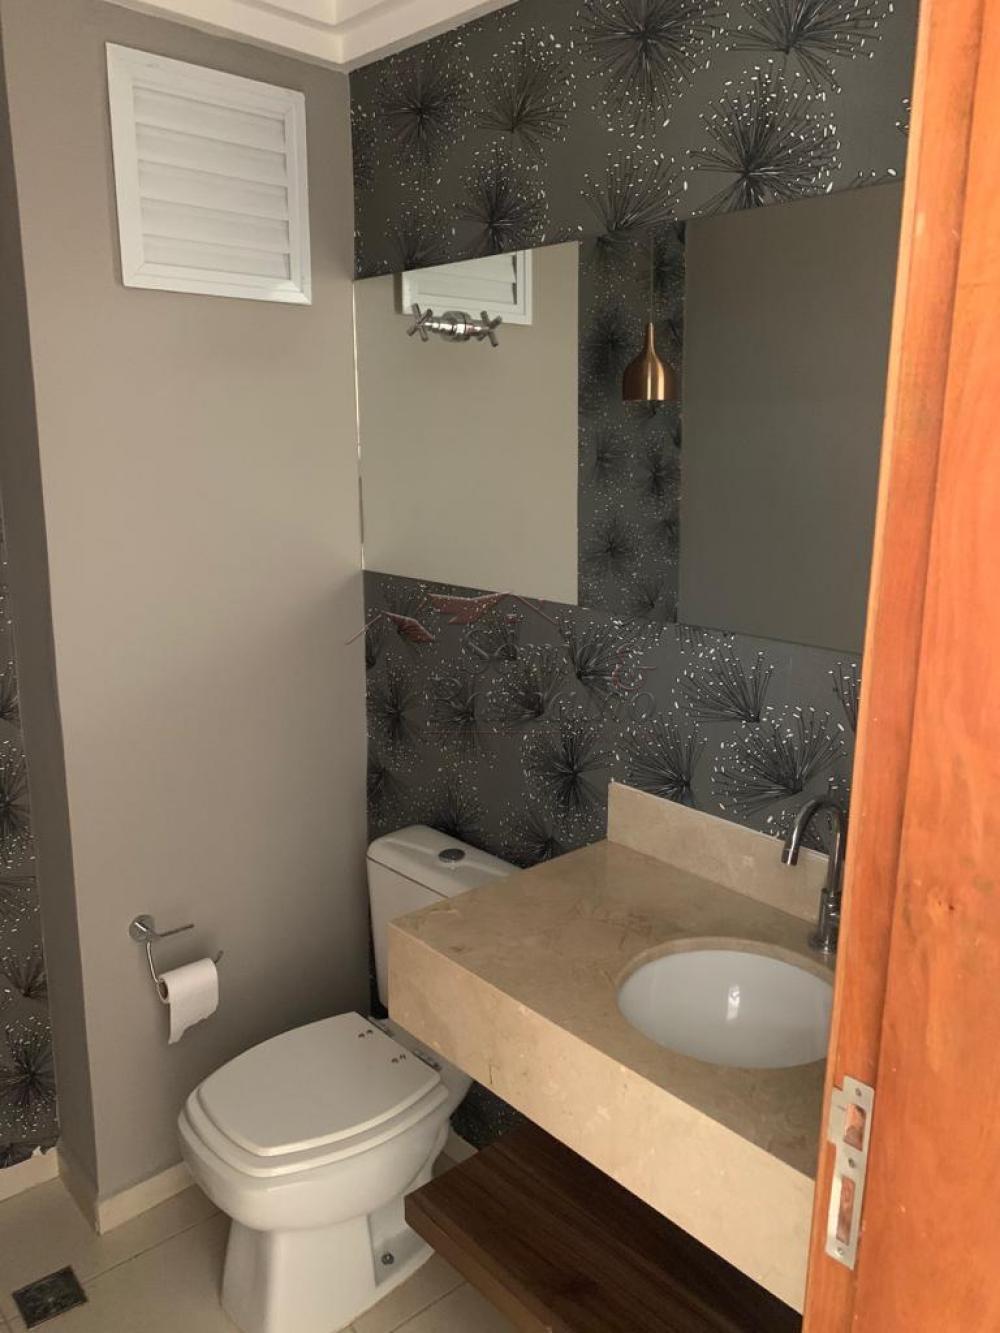 Comprar Apartamentos / Padrão em Ribeirão Preto apenas R$ 490.000,00 - Foto 19